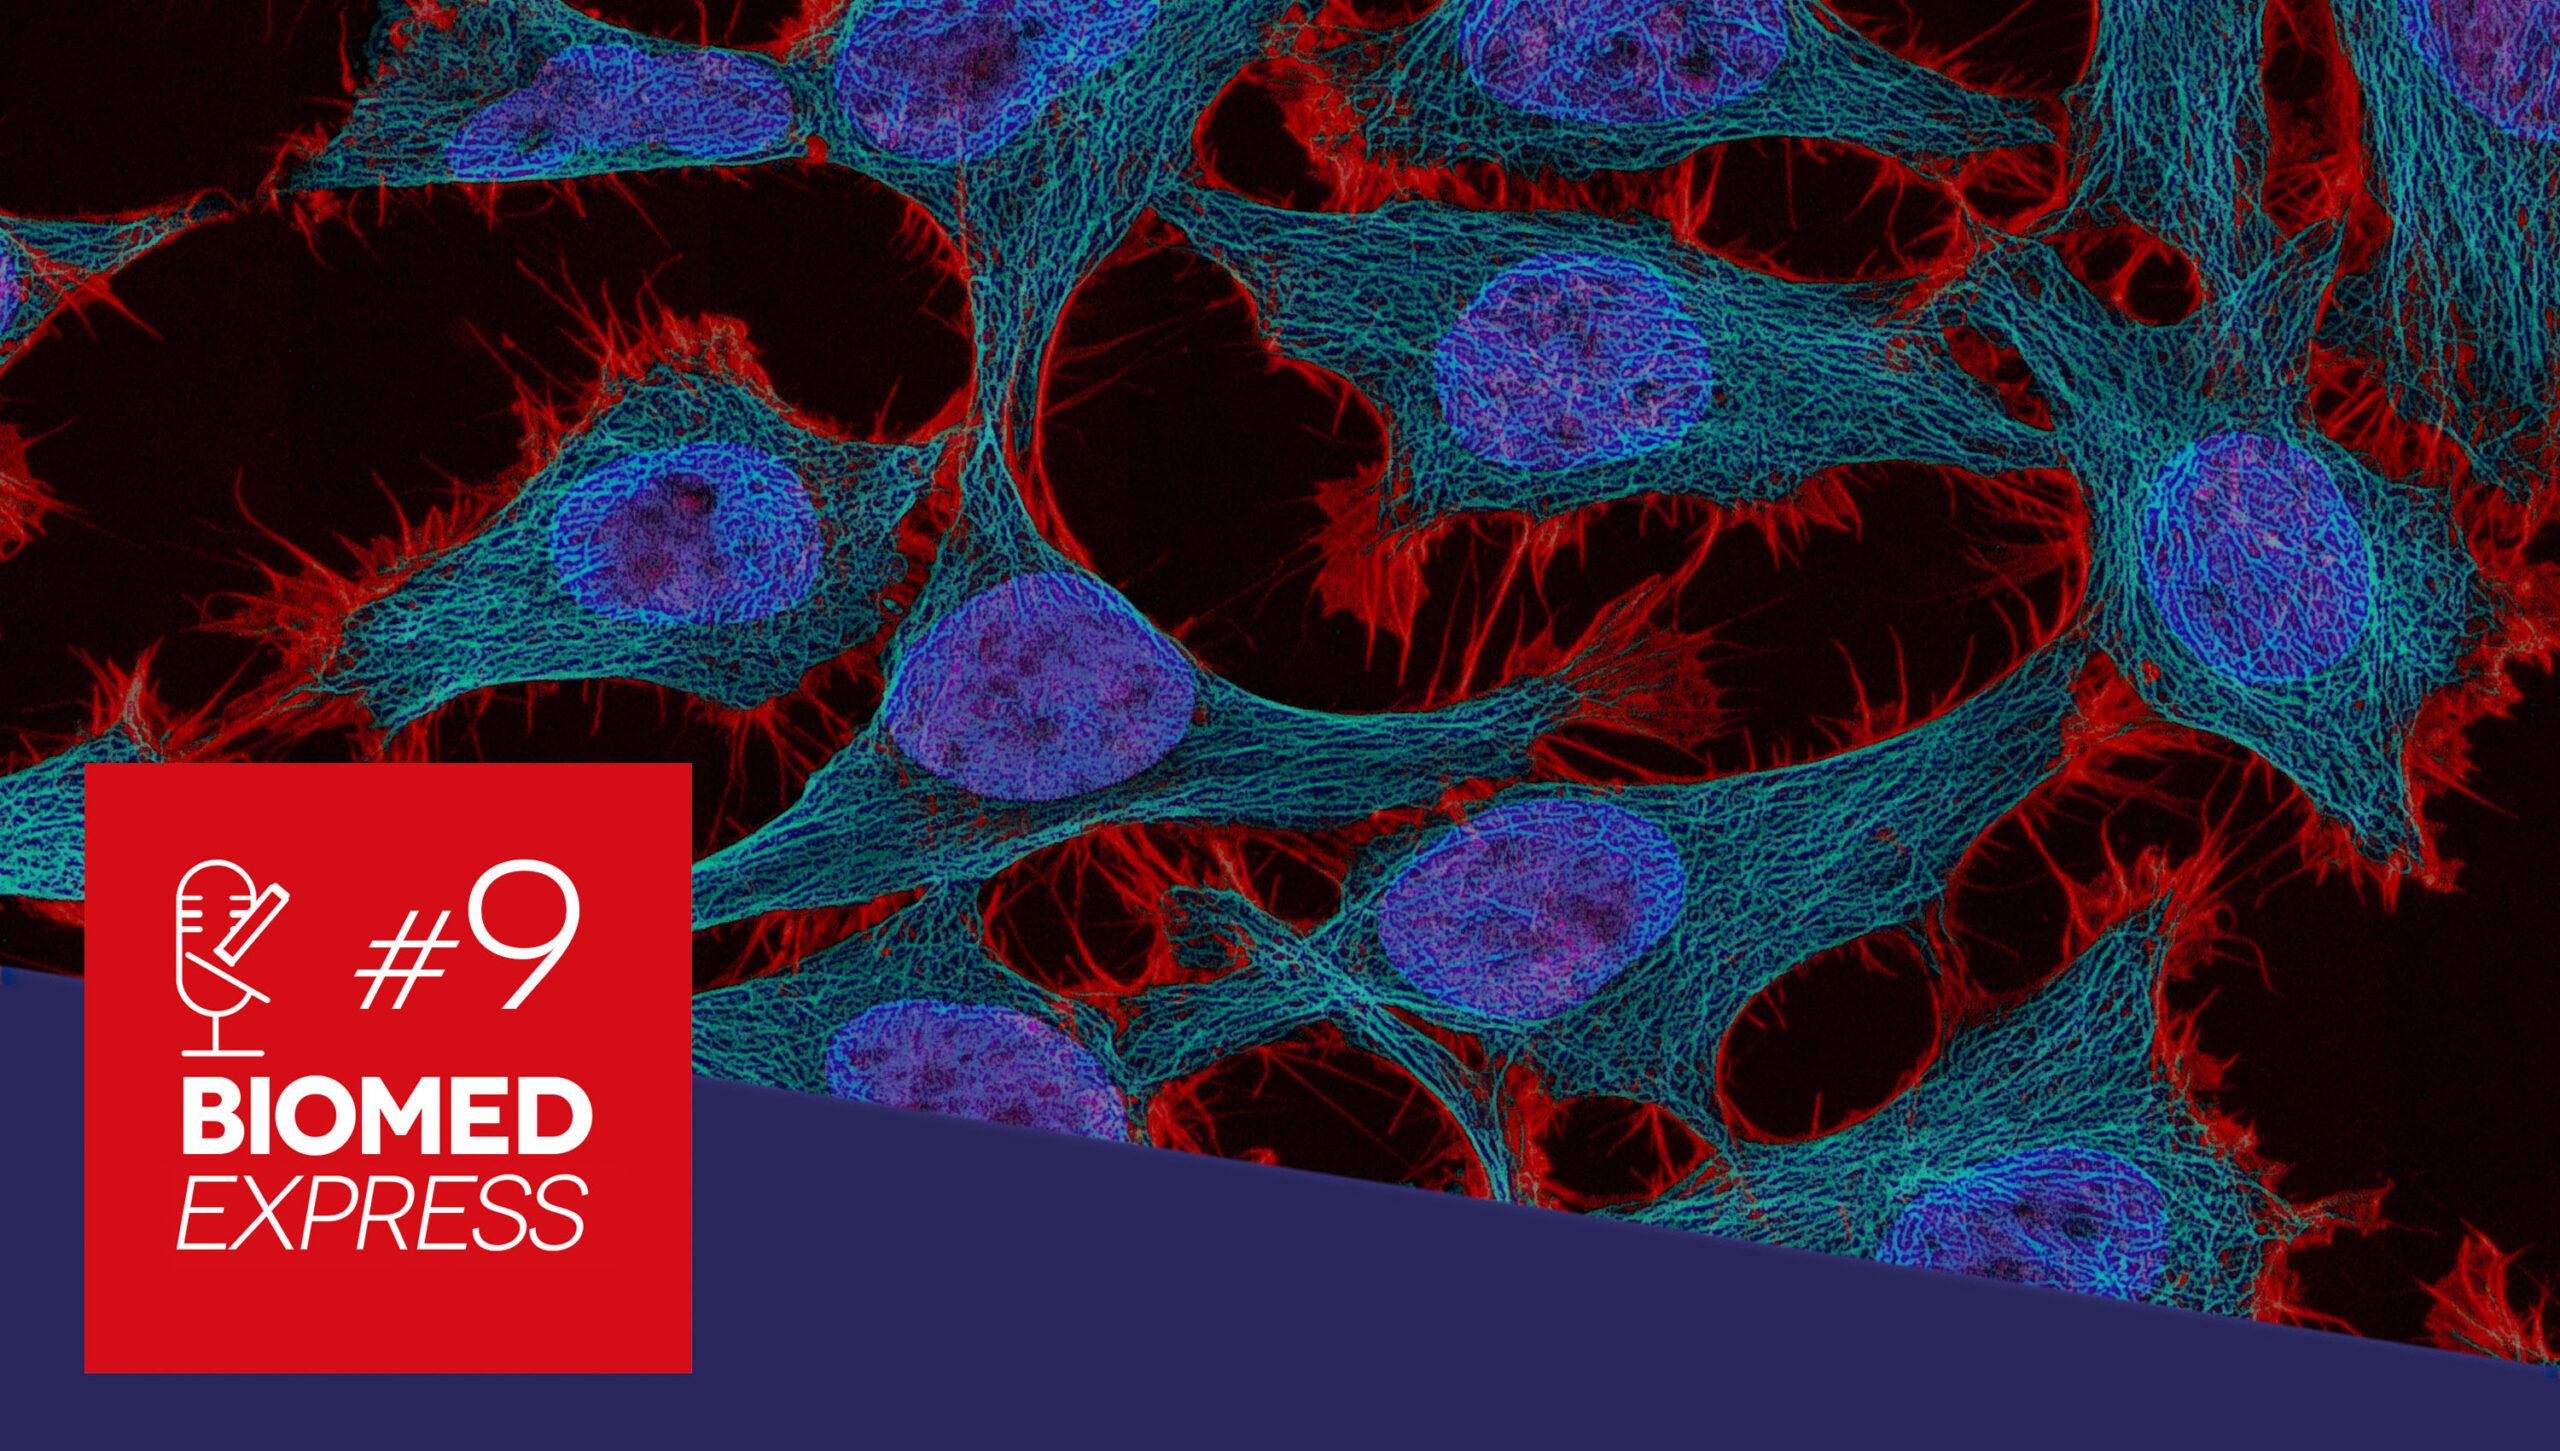 #9 Biomed Express – Imortalidade Biológica